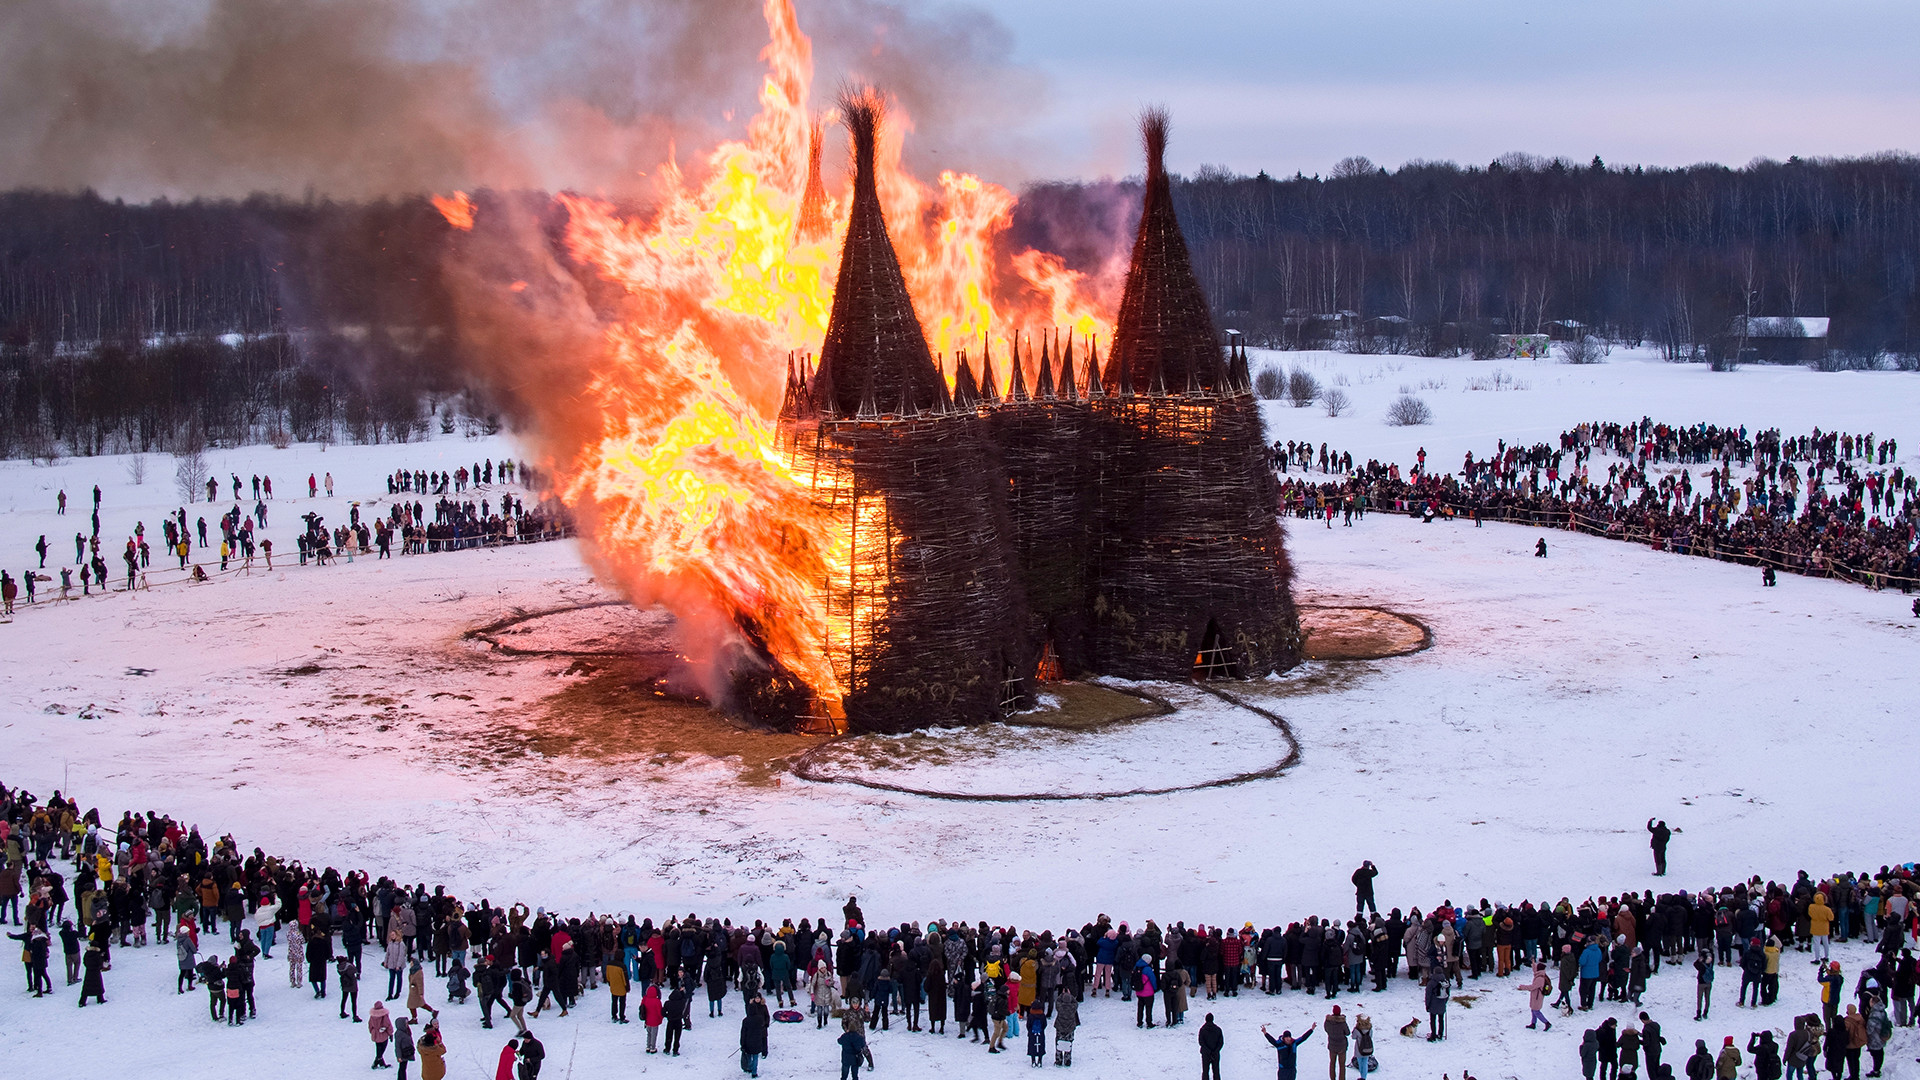 Orang-orang menyaksikan pembakaran kastil kayu sebagai bagian dari perayaan festival Maslenitsa di Desa Nikola-Lenivets, sekitar 200 kilometer di sebelah barat daya Moskow, Rusia, Sabtu (13/3).